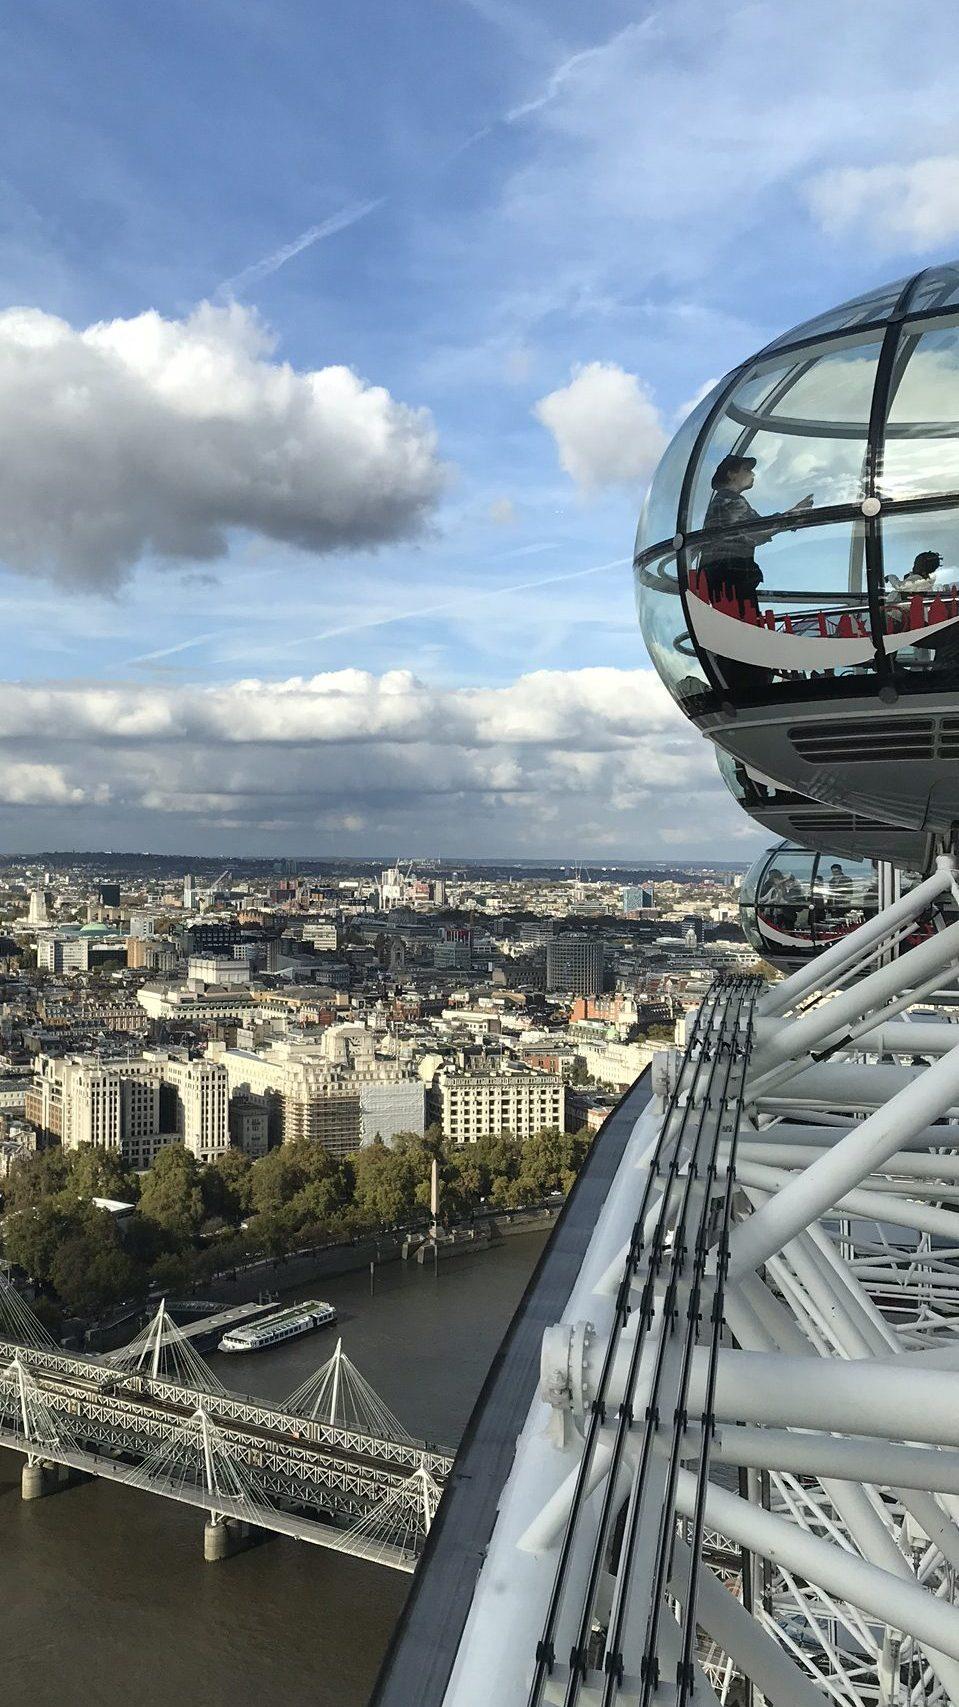 Bilde fra toppen av London Eye hvor man ser halve nabokuben, blå himmel og overblikk av London by.